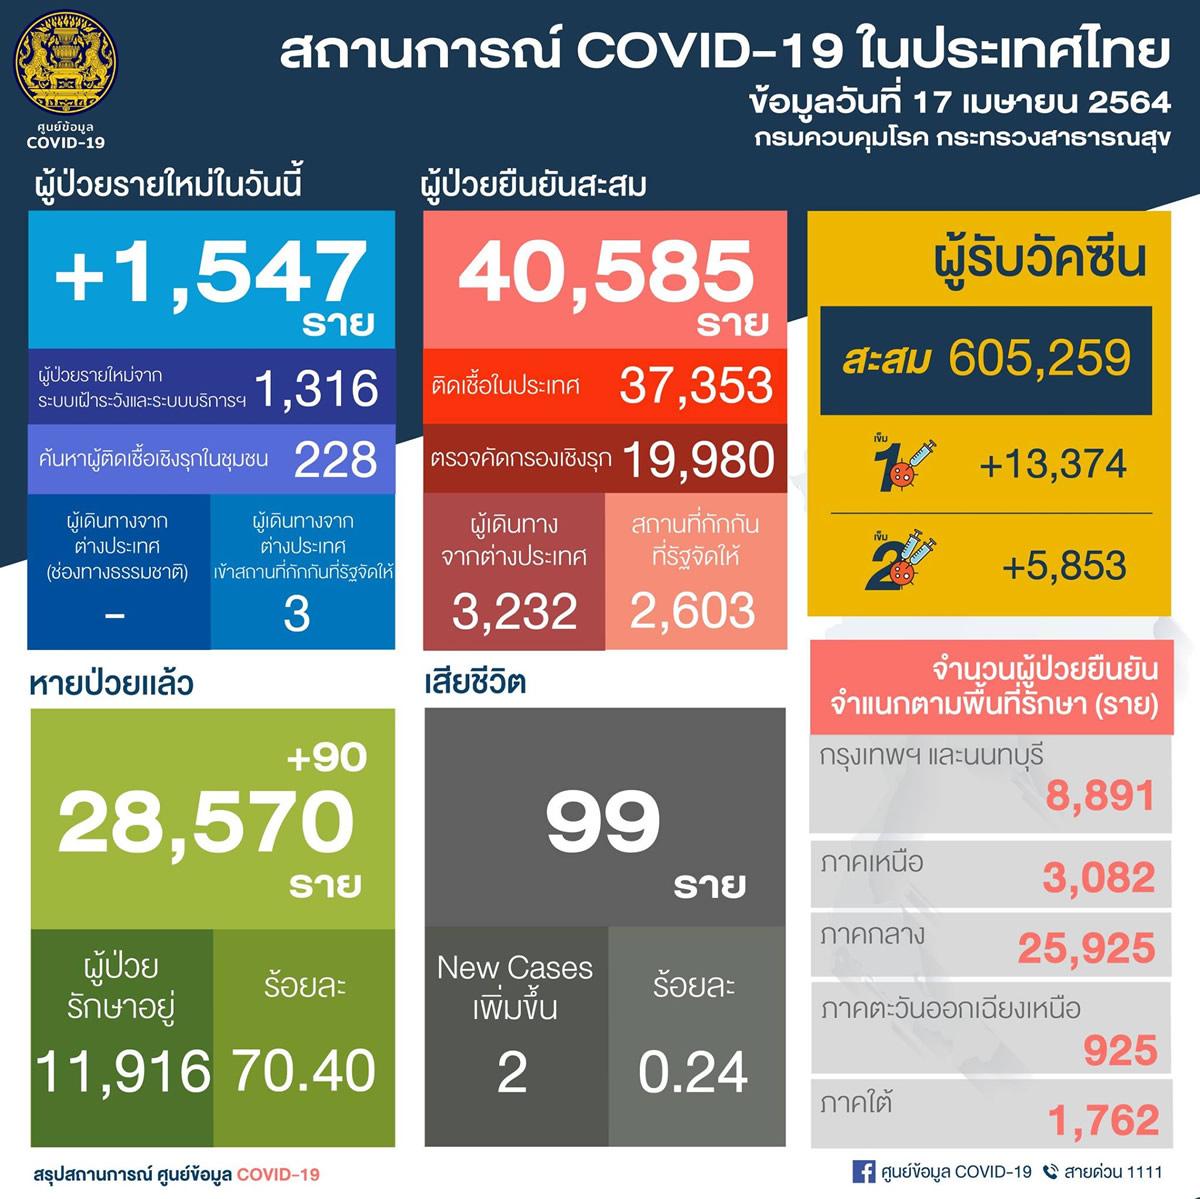 新規タイ国内感染は1,544人/バンコク279人 チェンマイ140人など[2021年4月17日発表]